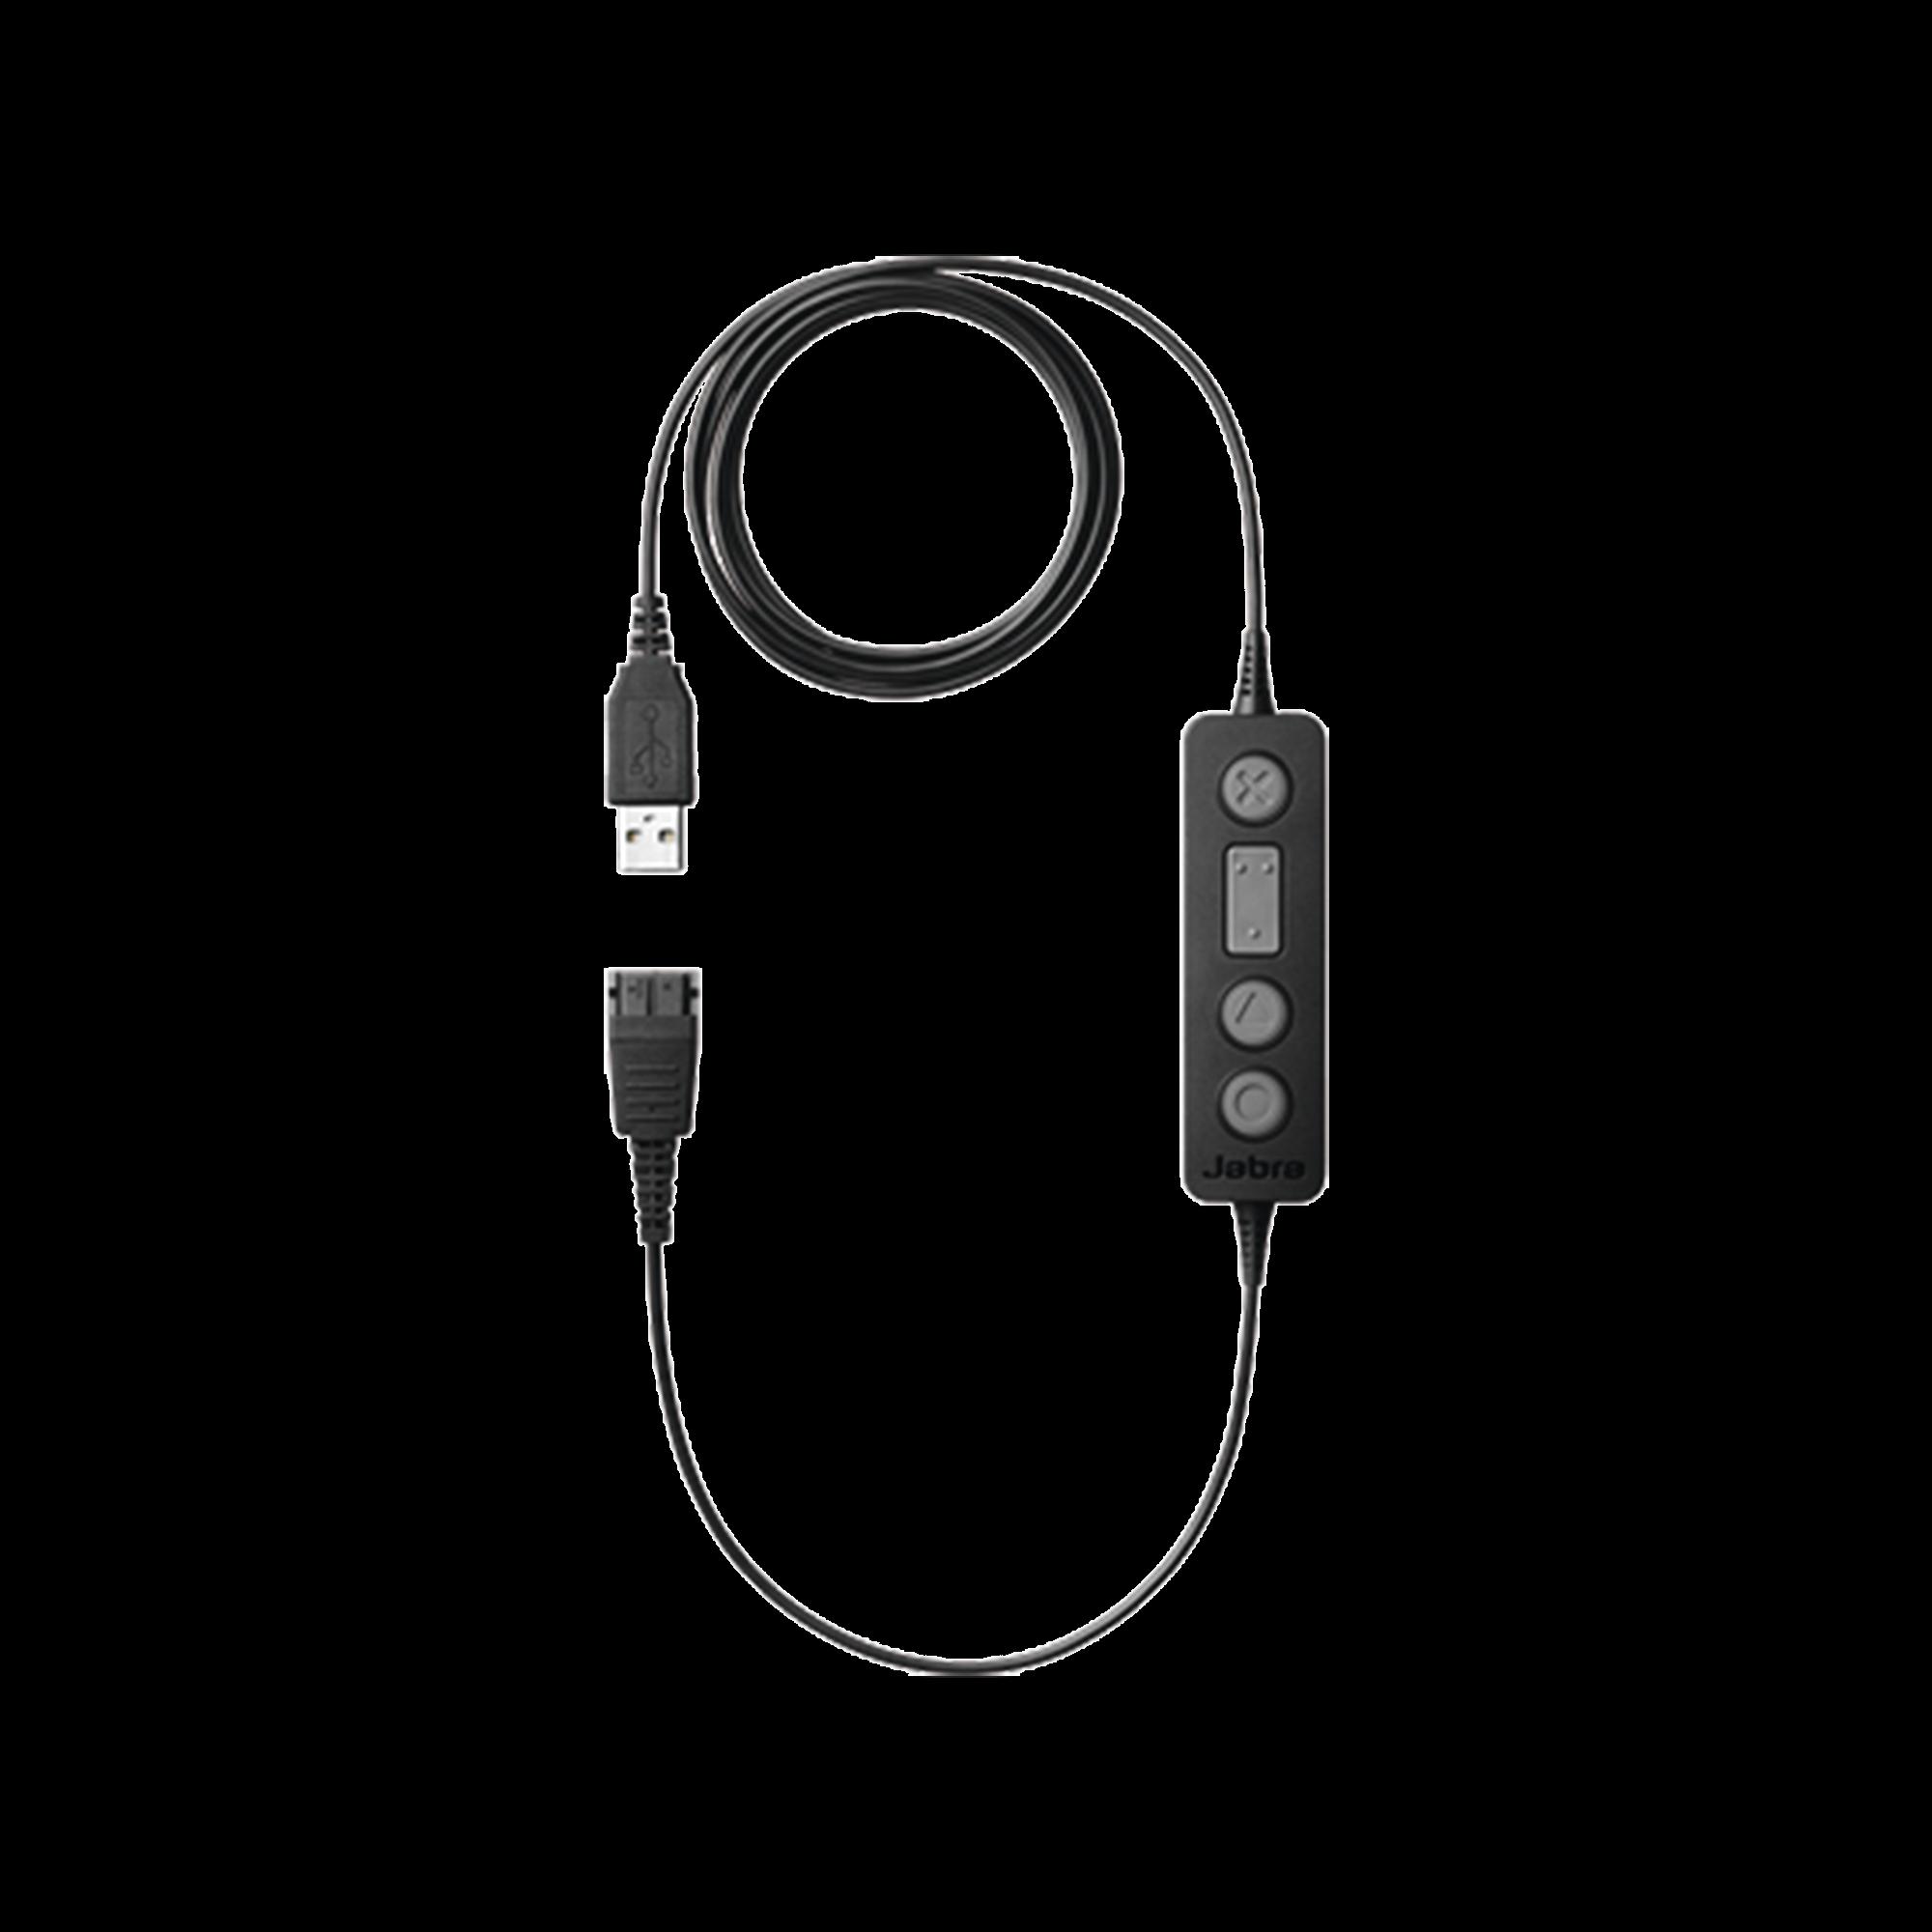 Jabra Link 260 adaptador con control USB a QD  (260-09)